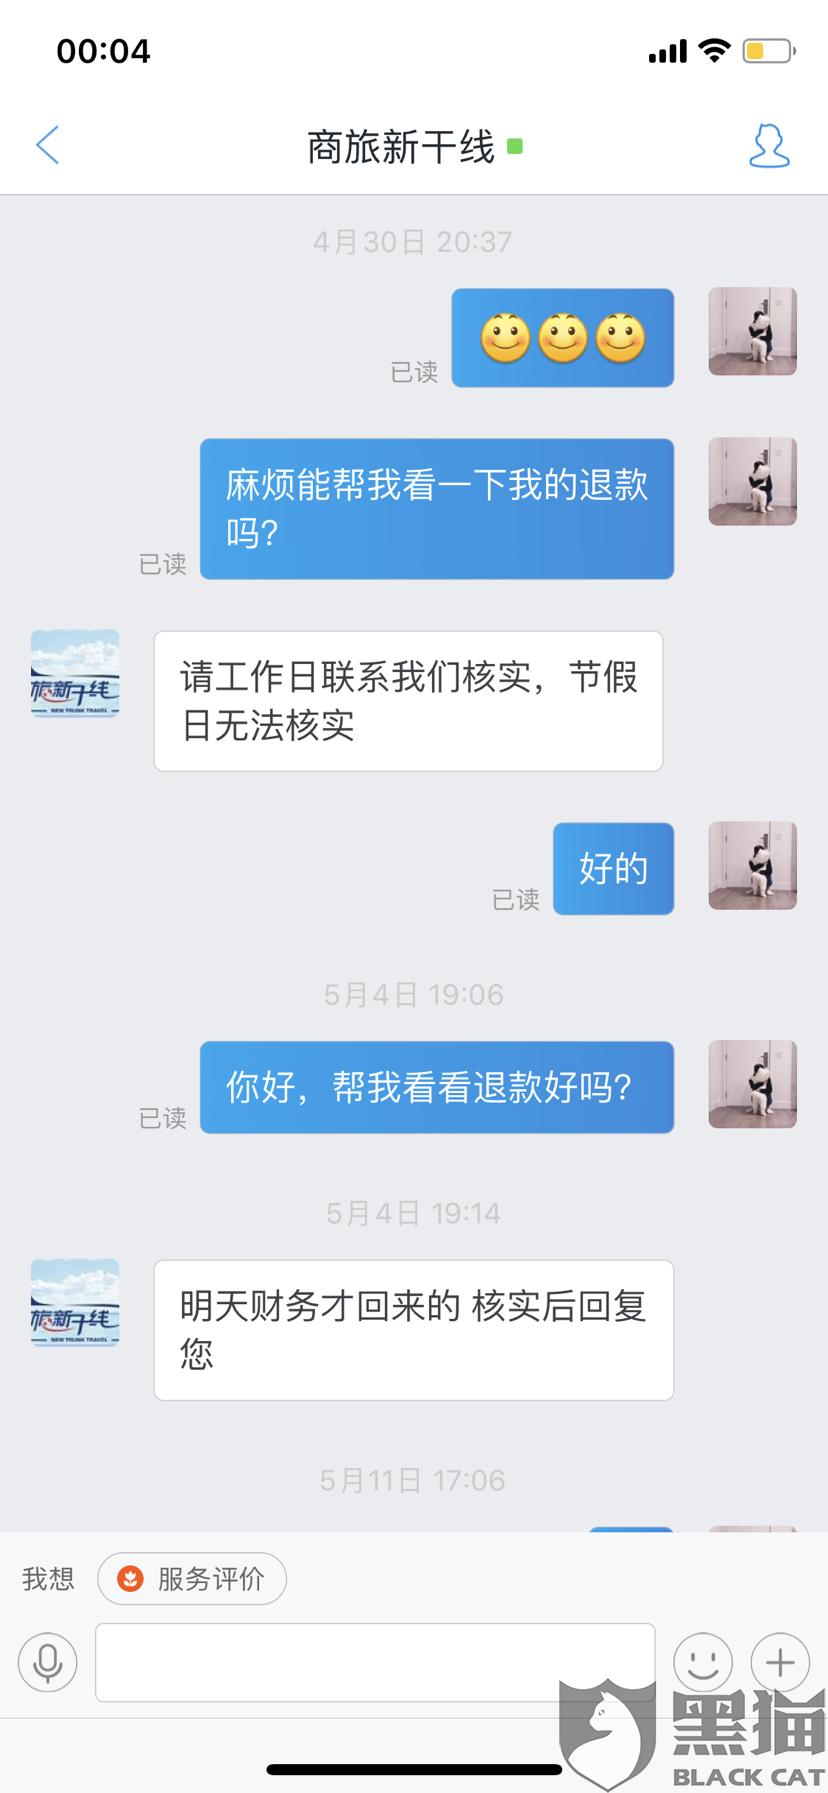 黑猫投诉:飞猪商务新干线旅社不退款